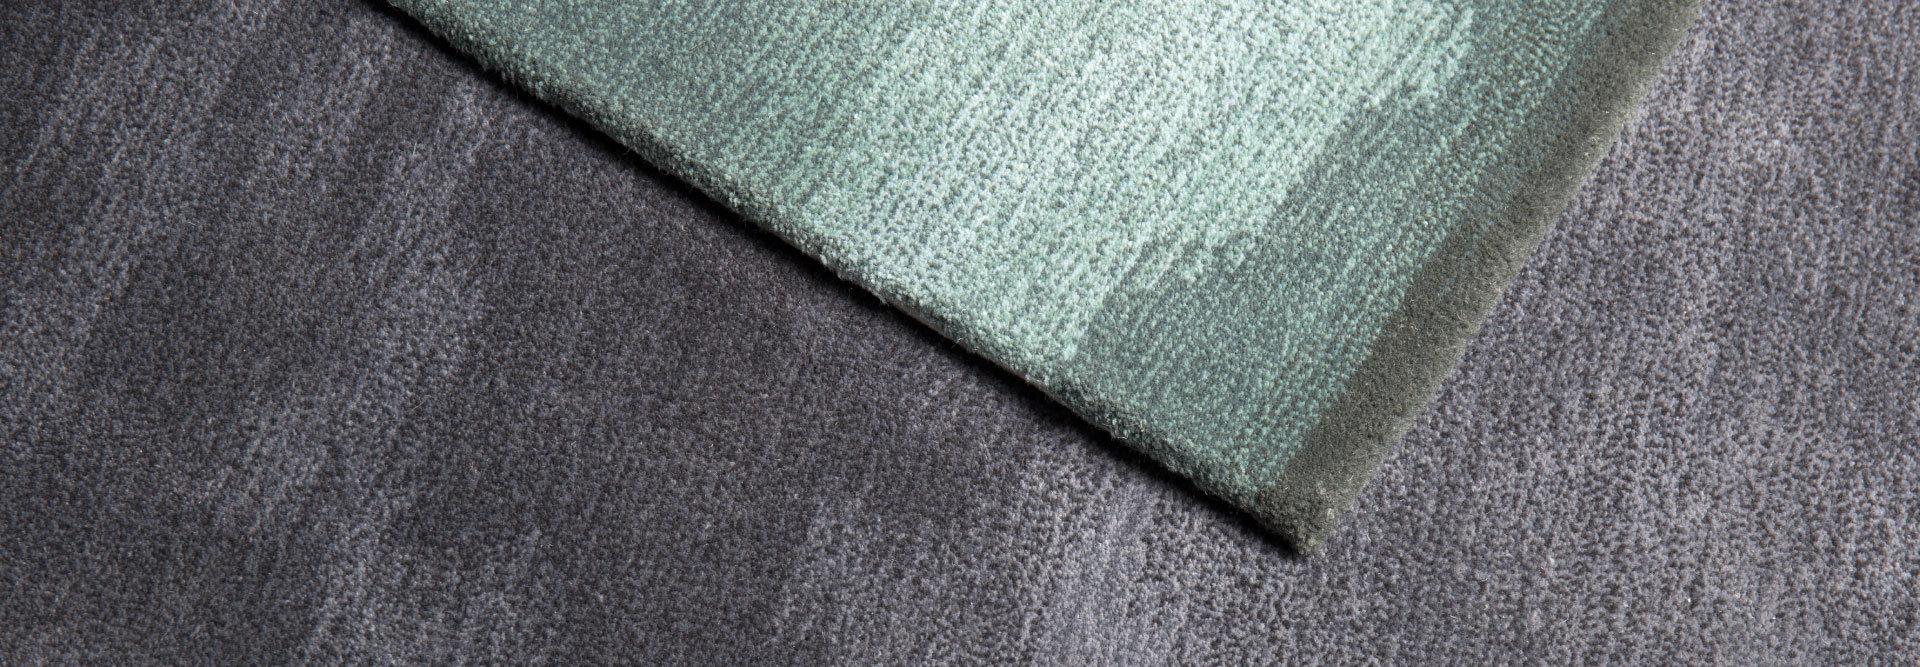 新西兰羊毛织画,可以光脚踩沙的美妙